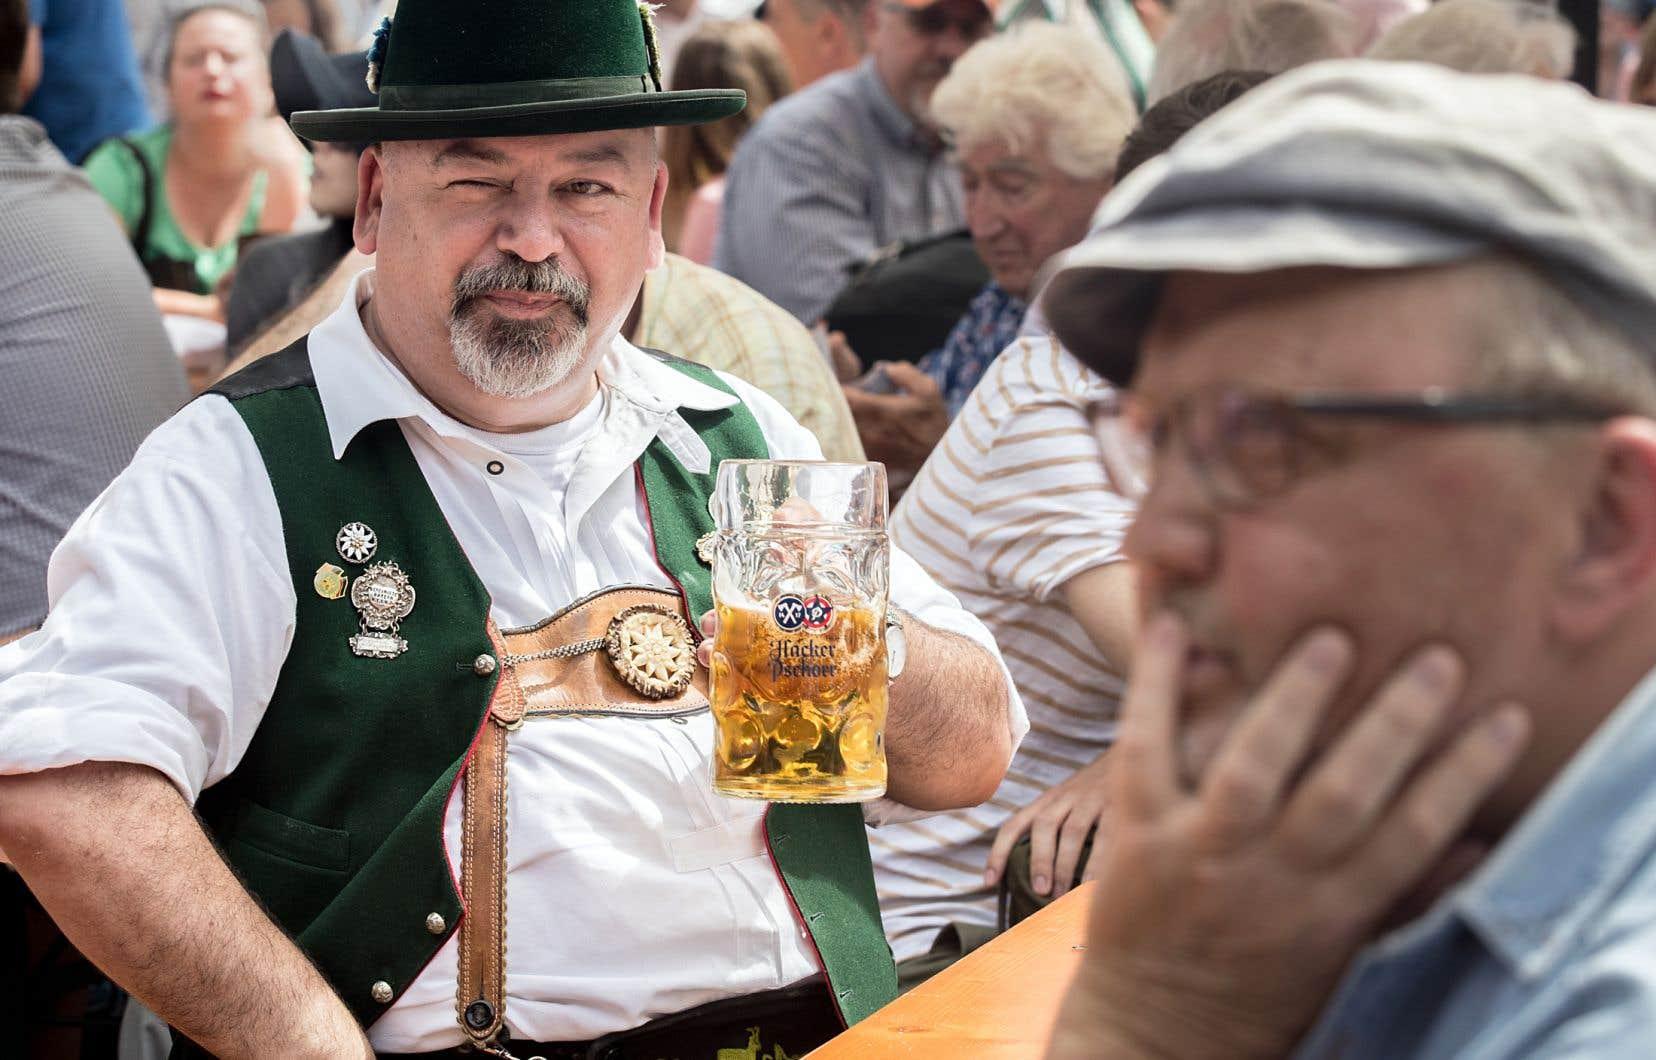 Selon un sondage remontant au tournant de la décennie, une majorité de Bavarois considèrent que les traditions sont centrales à leur identité.